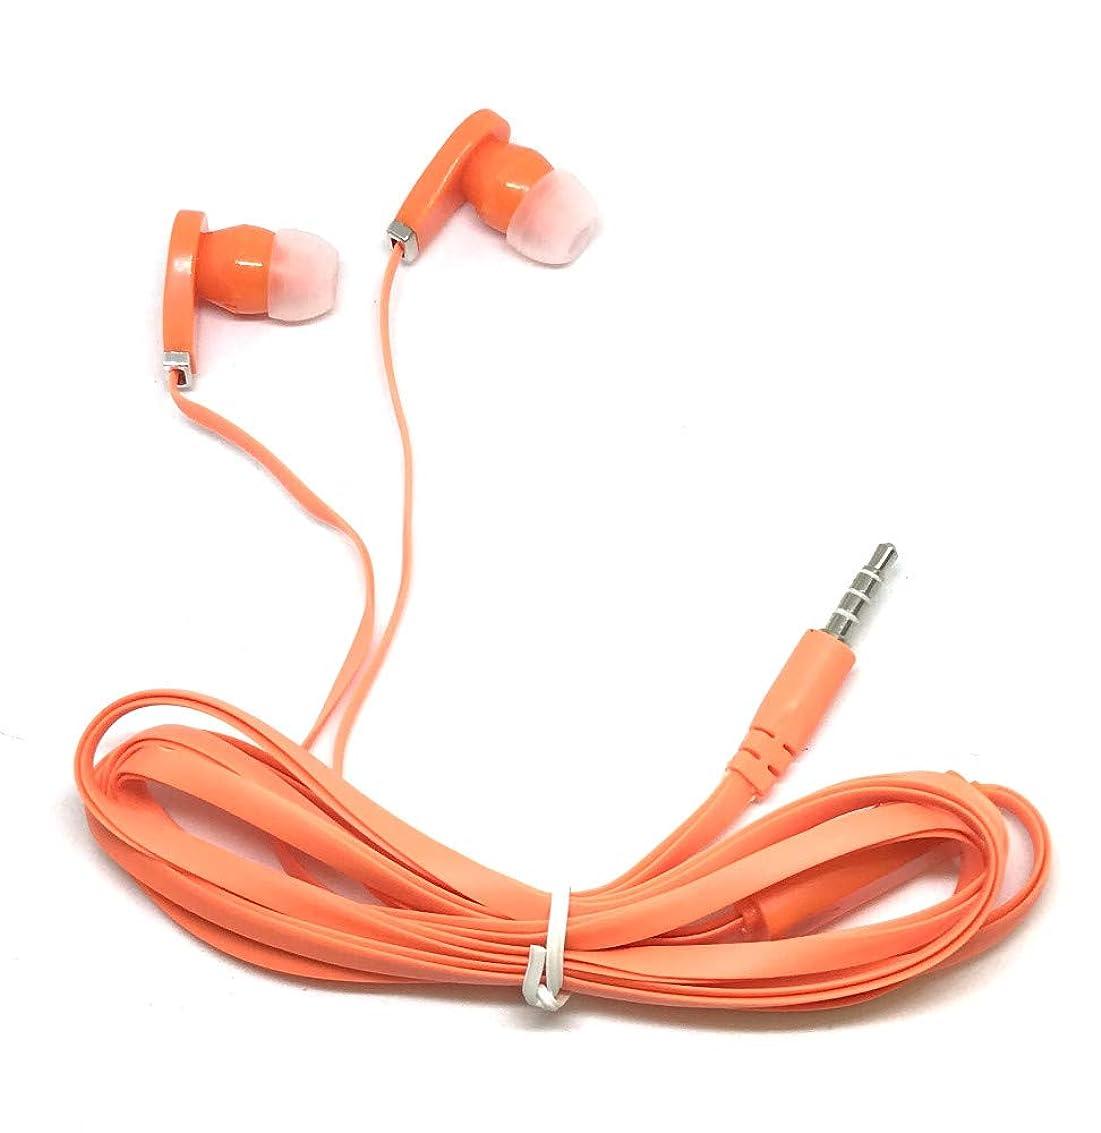 議論する小数サイトTFD Supplies 卸売 マイク付きイヤホン 50個パック iPhone、Android、MP3プレーヤー用 オレンジ